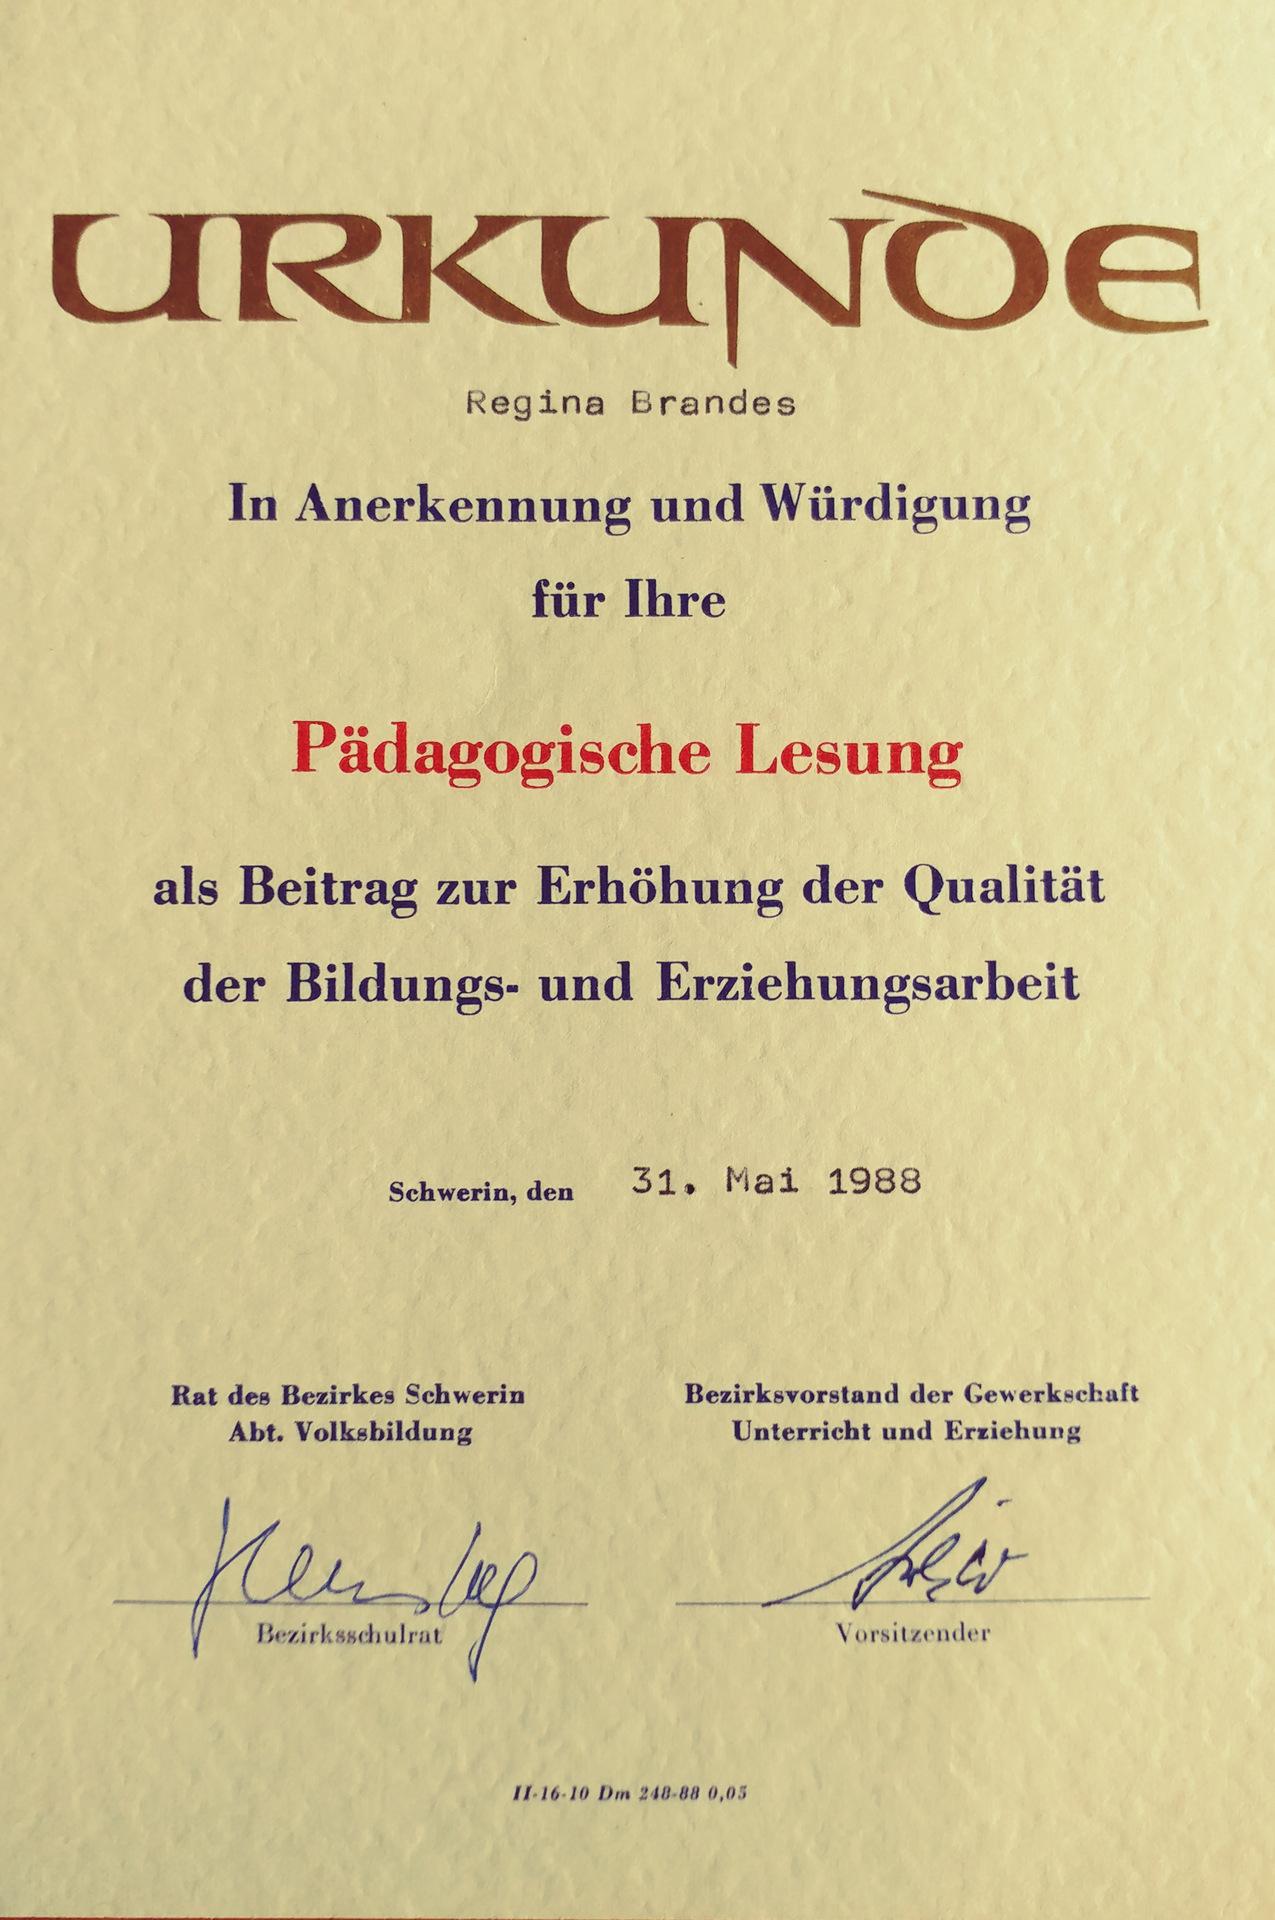 Urkunde Bezirk_Brandes.jpeg